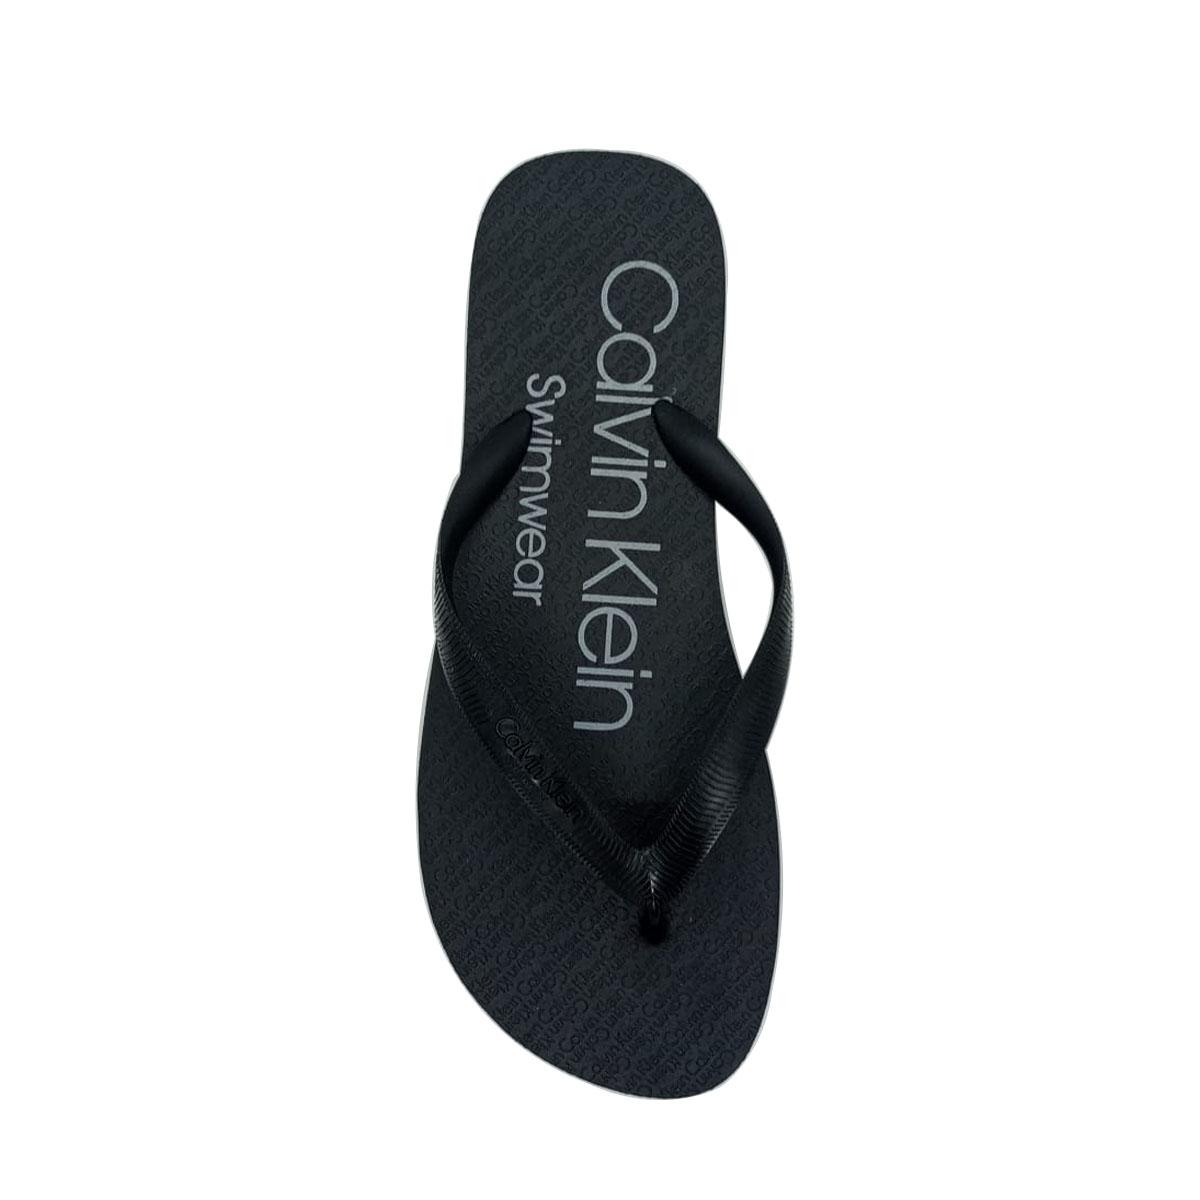 Chinelo Calvin Klein Swimwear Masculino Preto